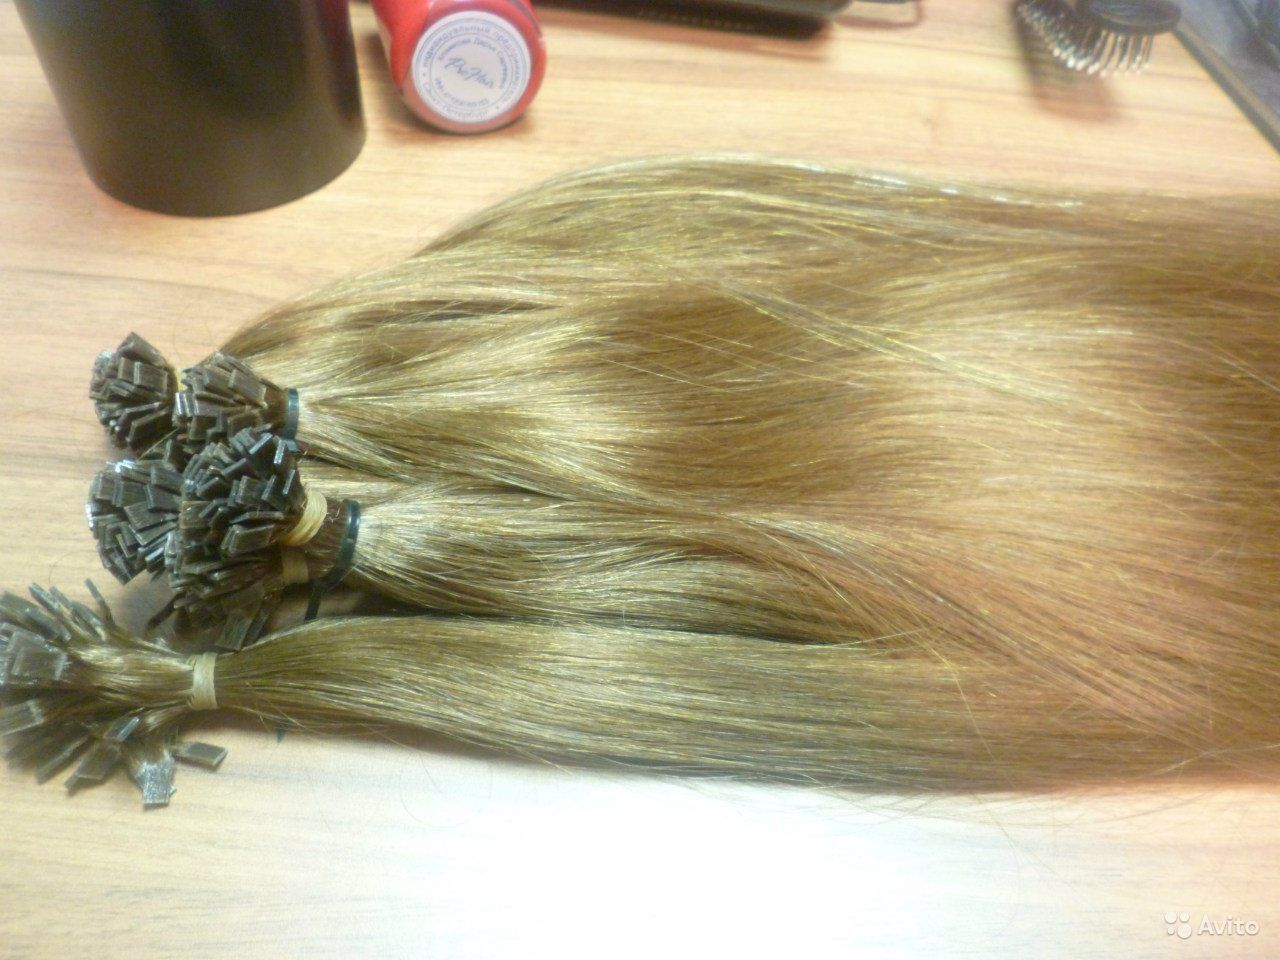 Трессовый метод наращивания волос